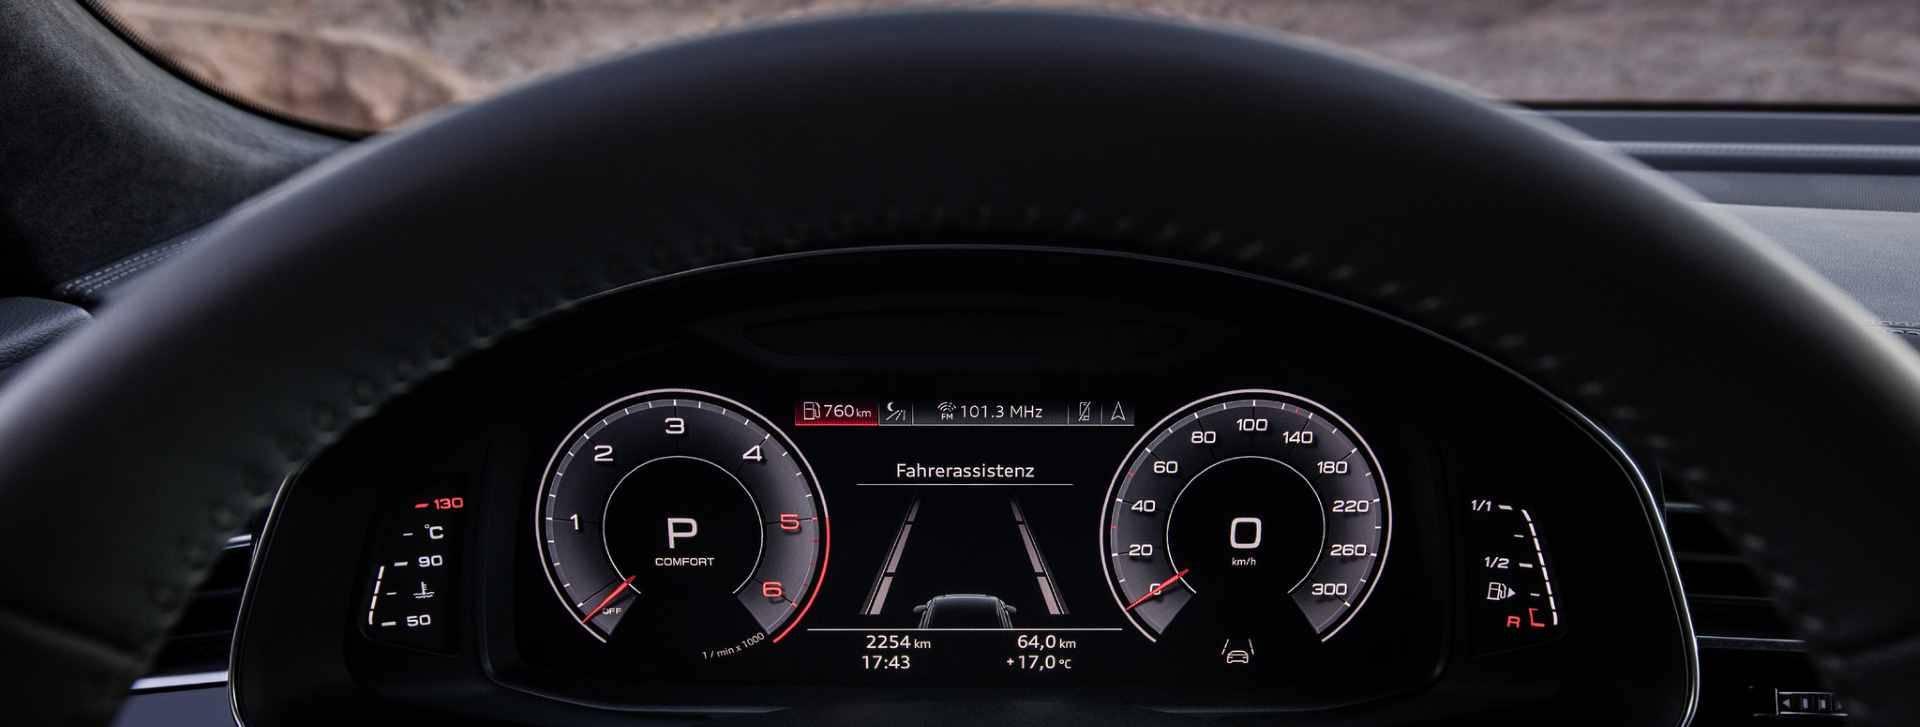 5 carroussel Nouvelle Audi Q8 2018